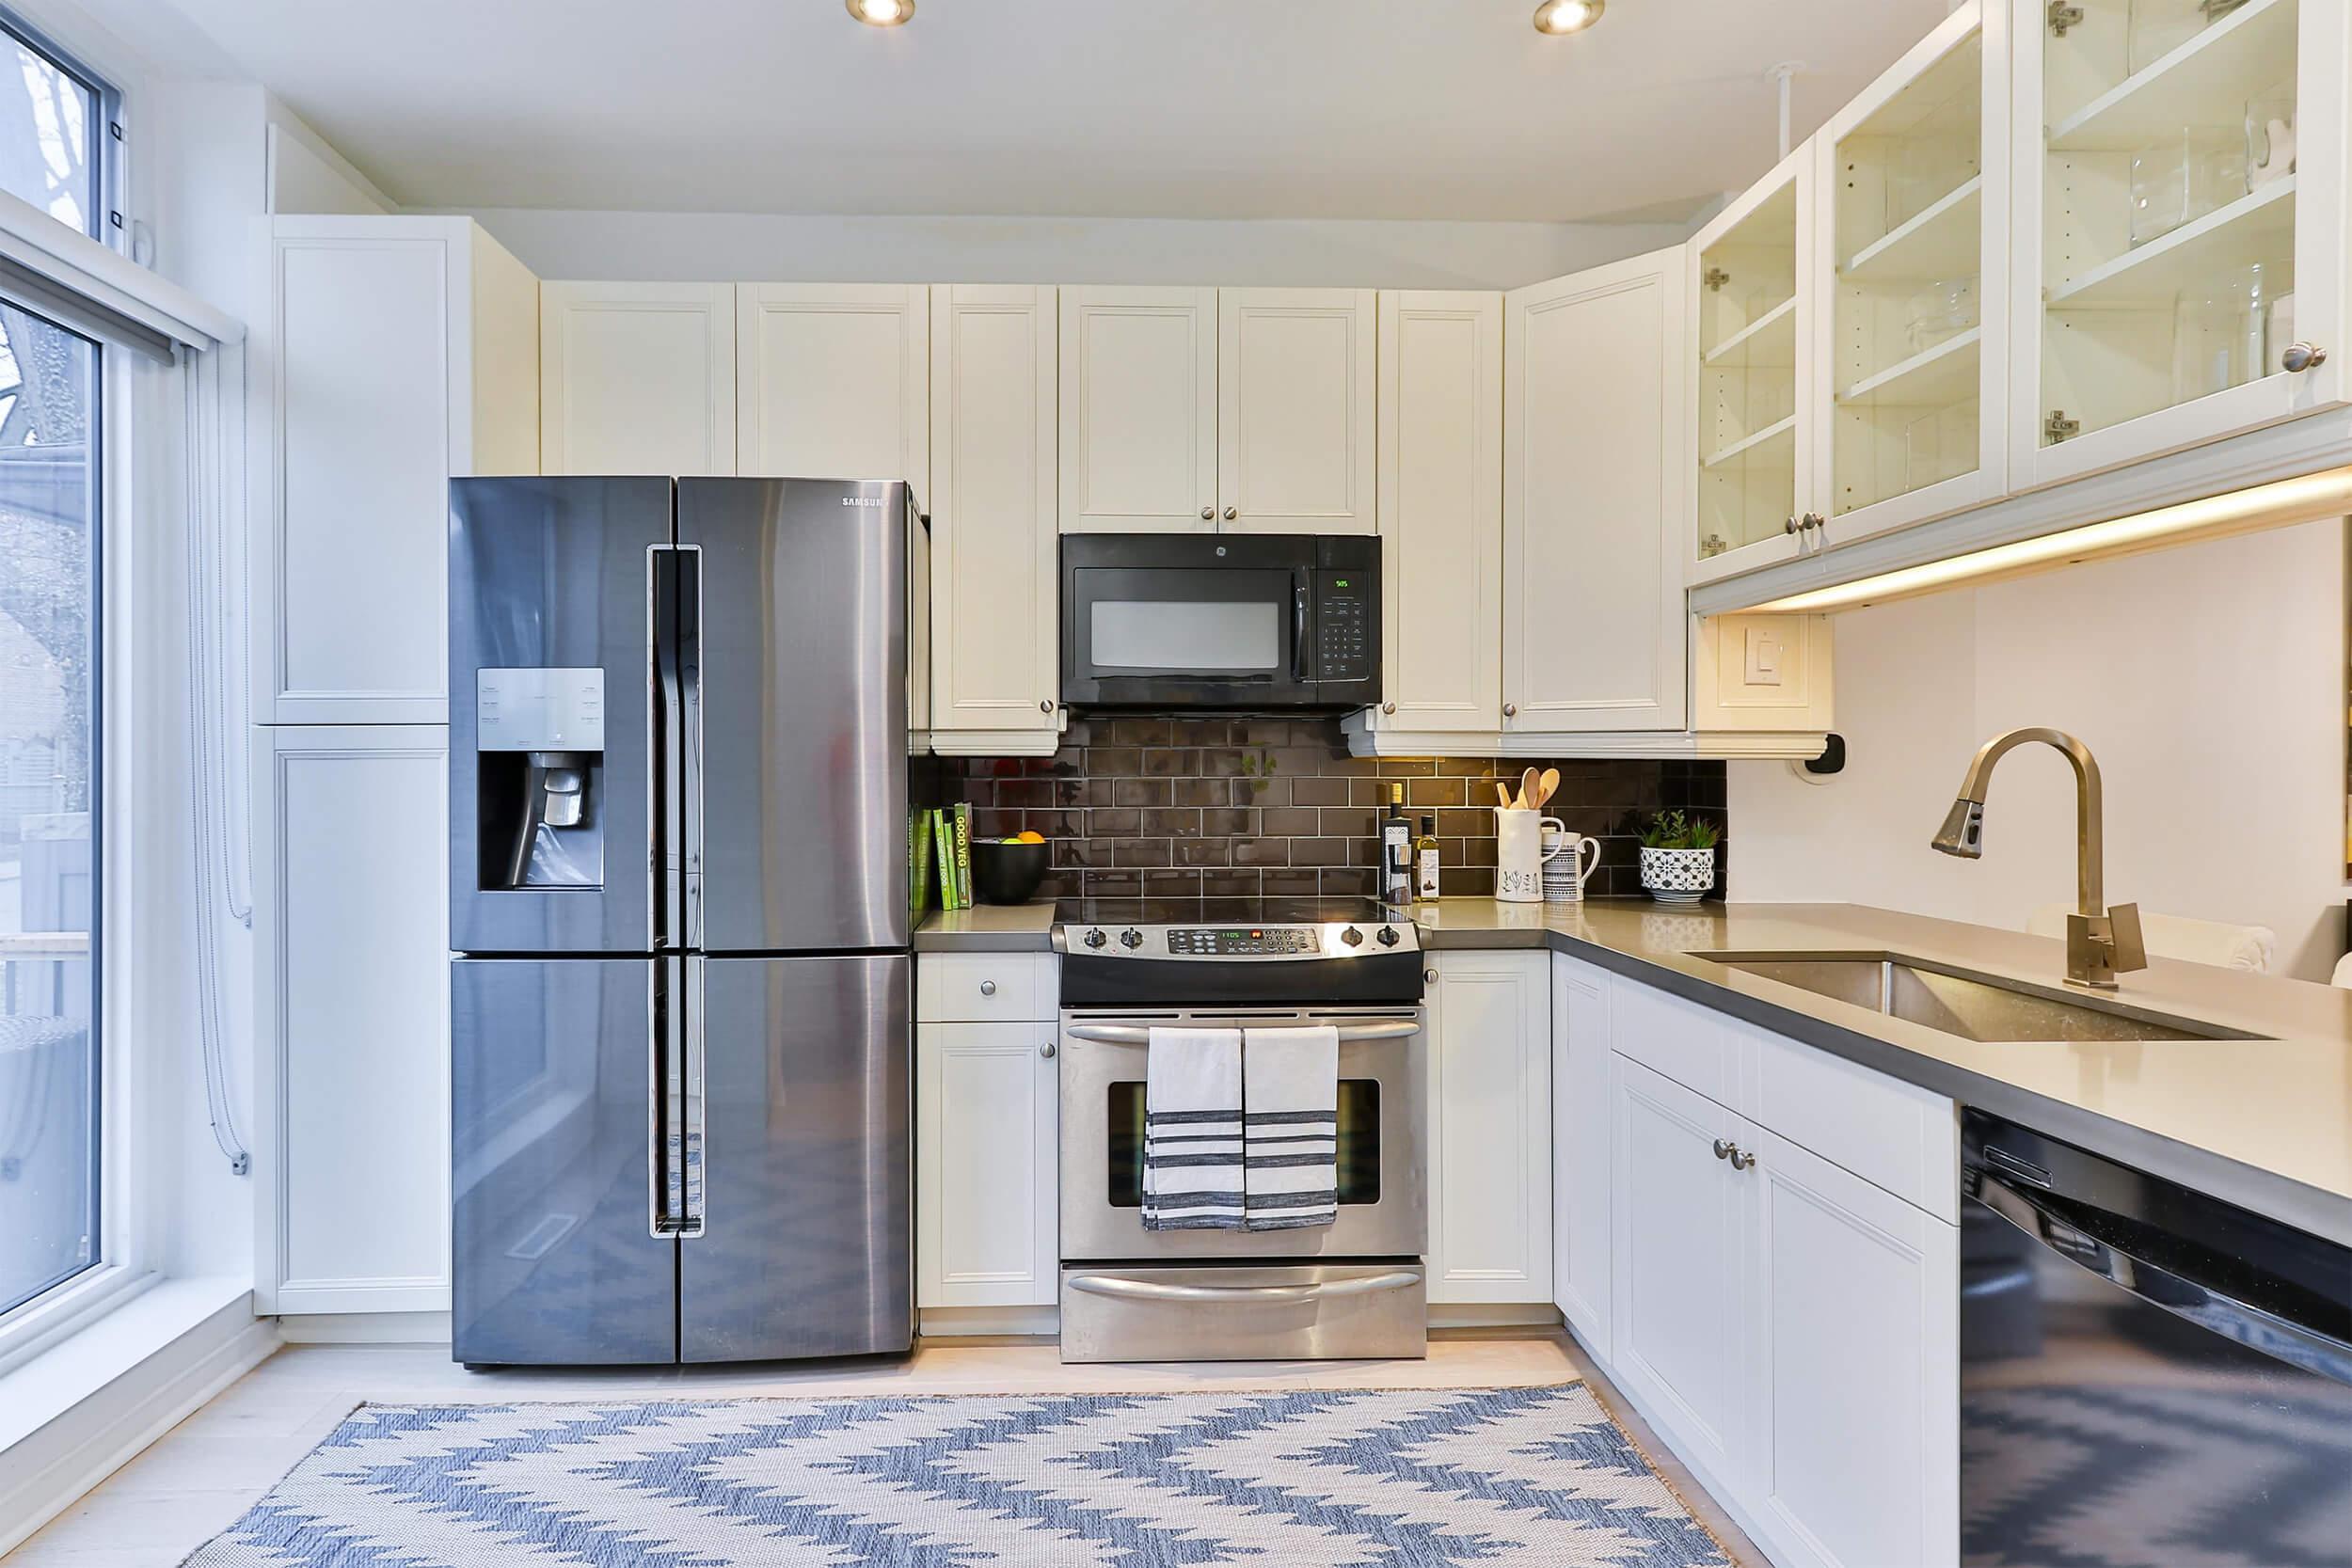 koberec-v-kuchyni